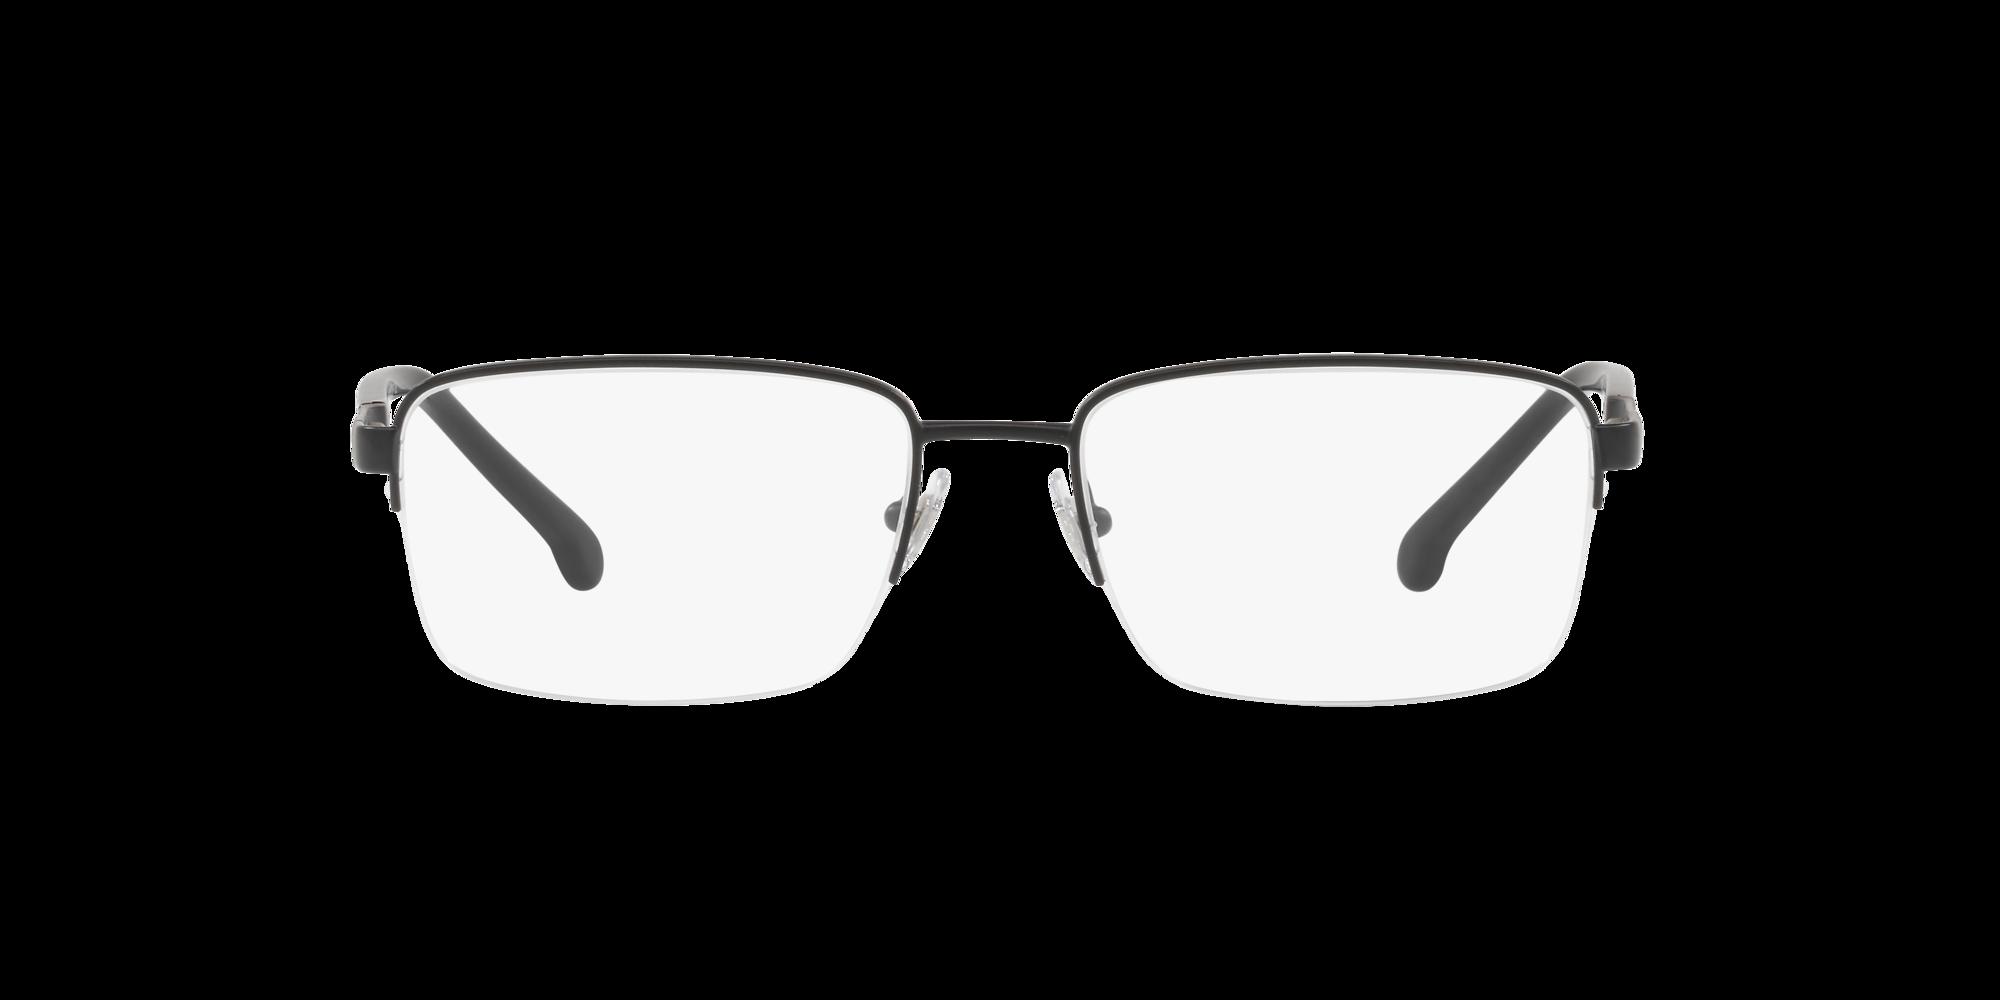 Imagen para BB1044 de LensCrafters    Espejuelos, espejuelos graduados en línea, gafas